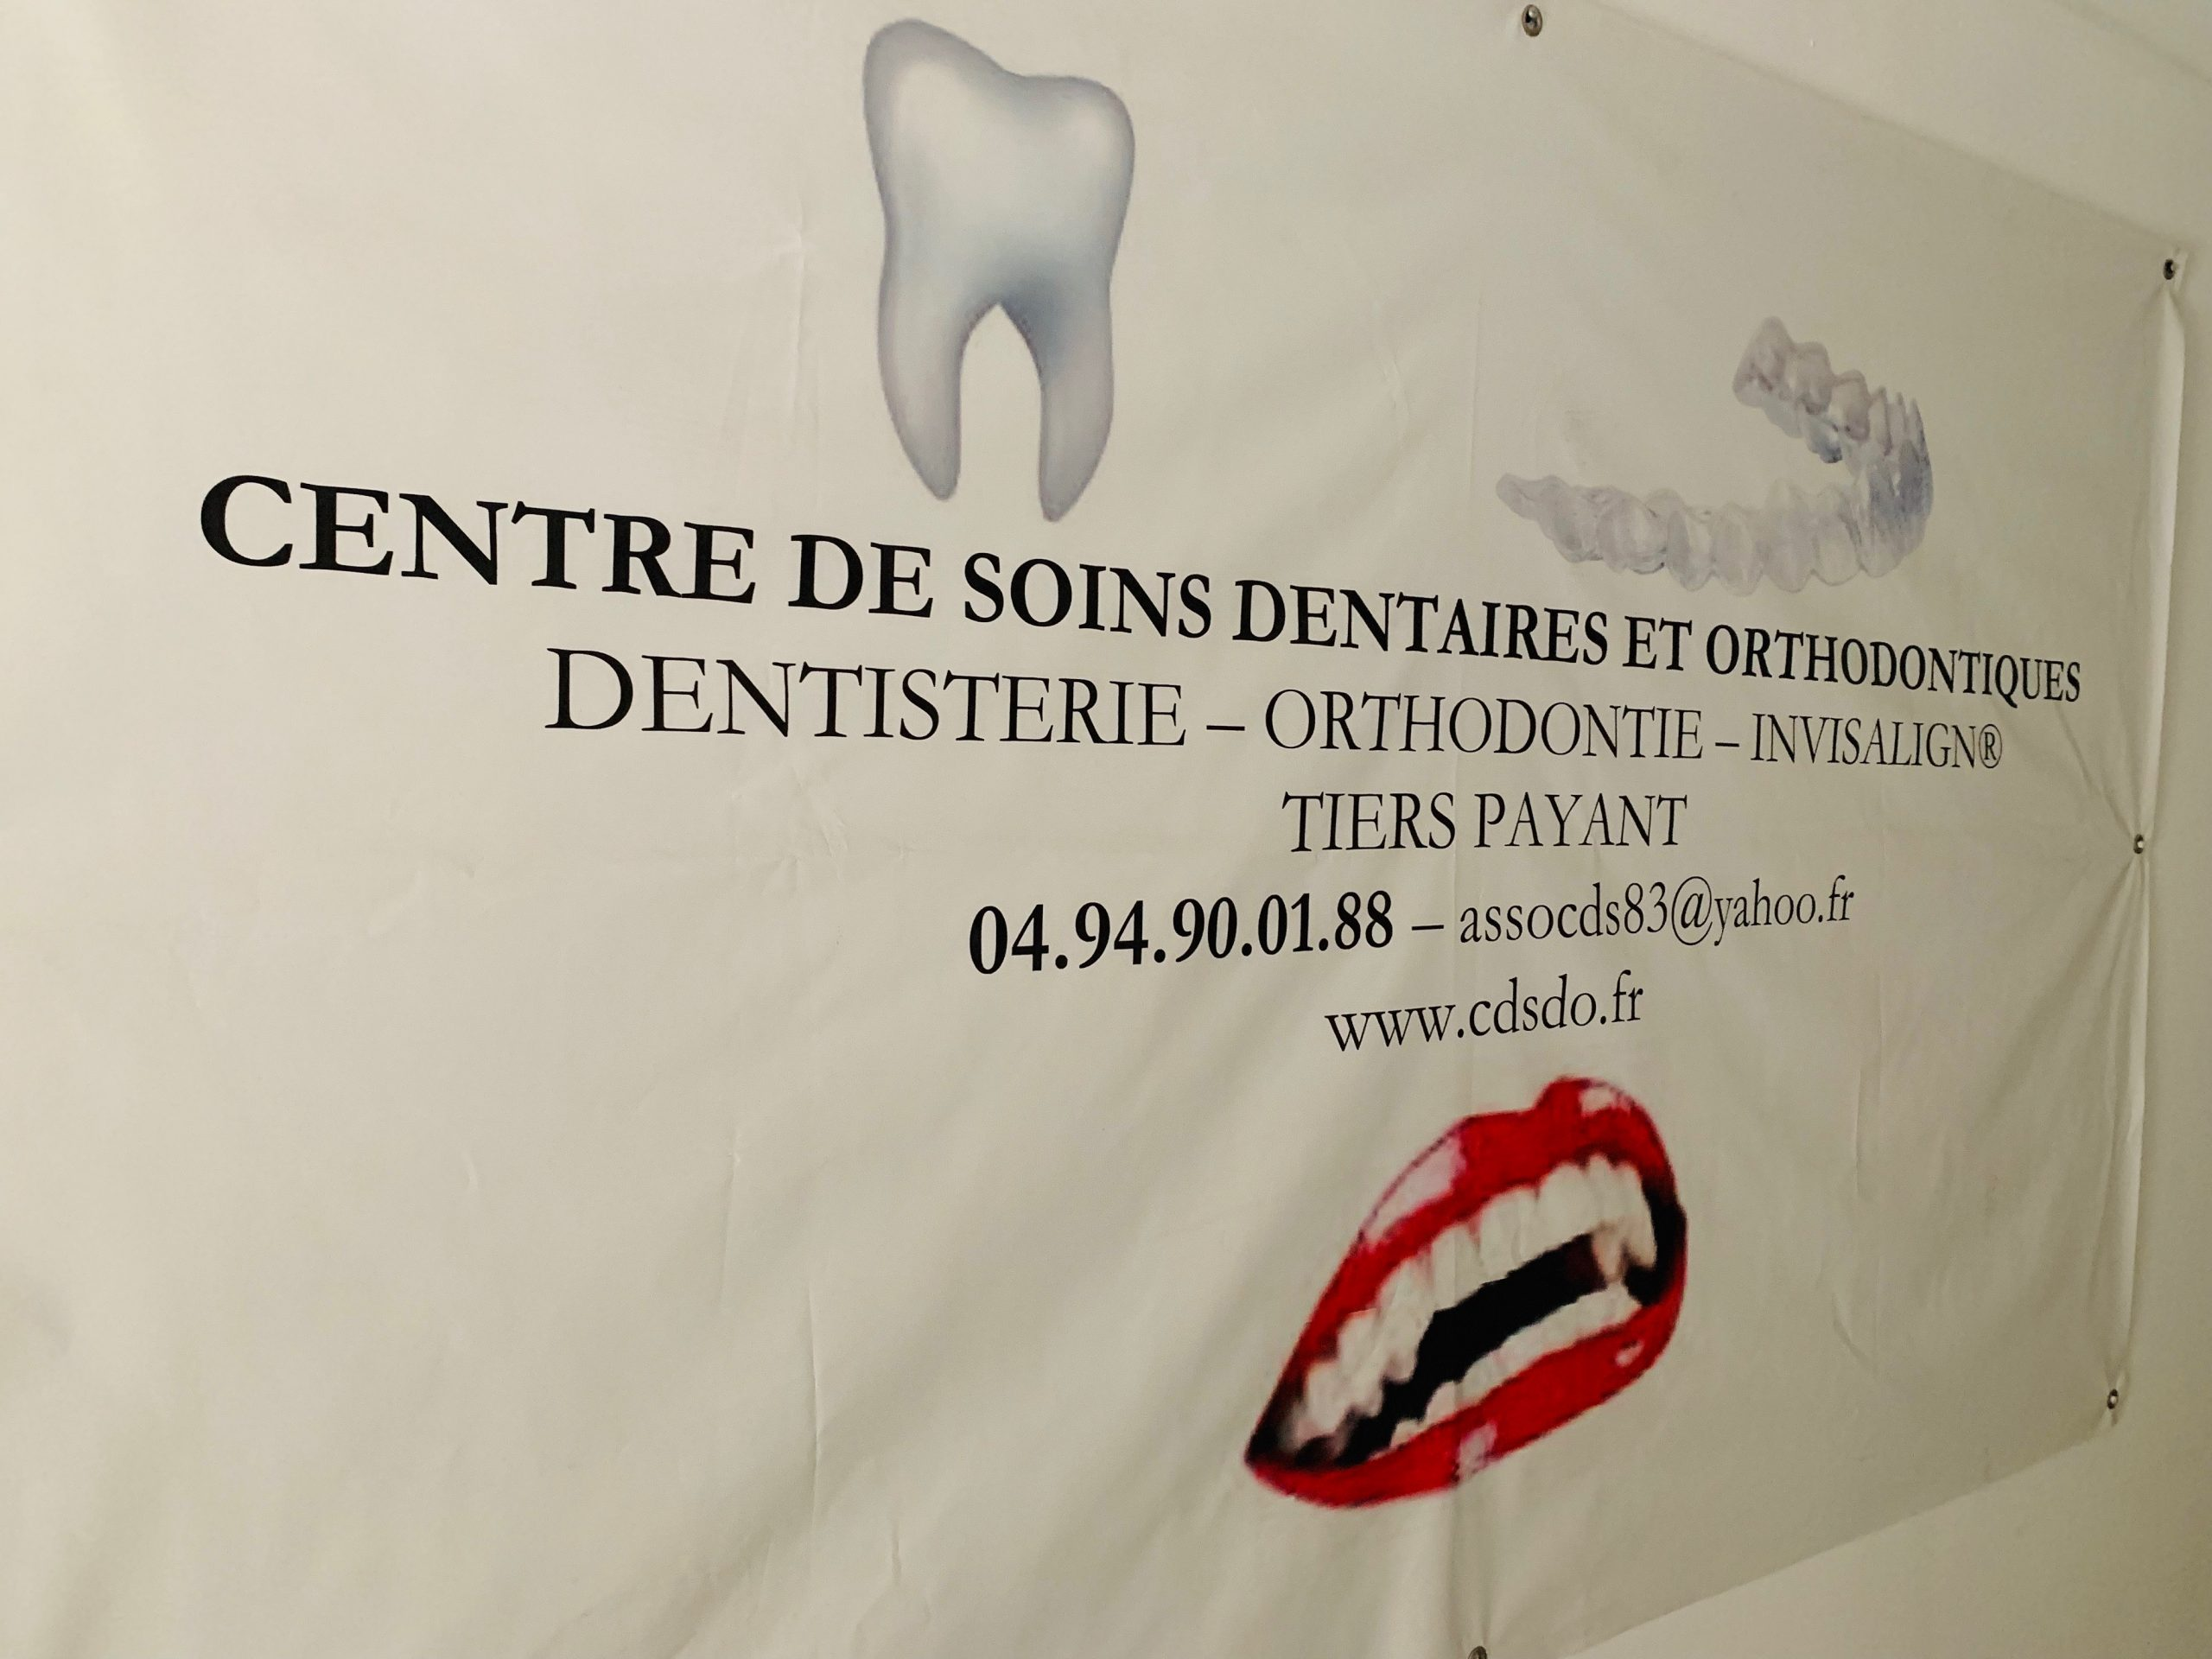 Centre de Soins Dentaires et Orthodontiques - CDSDO Toulon